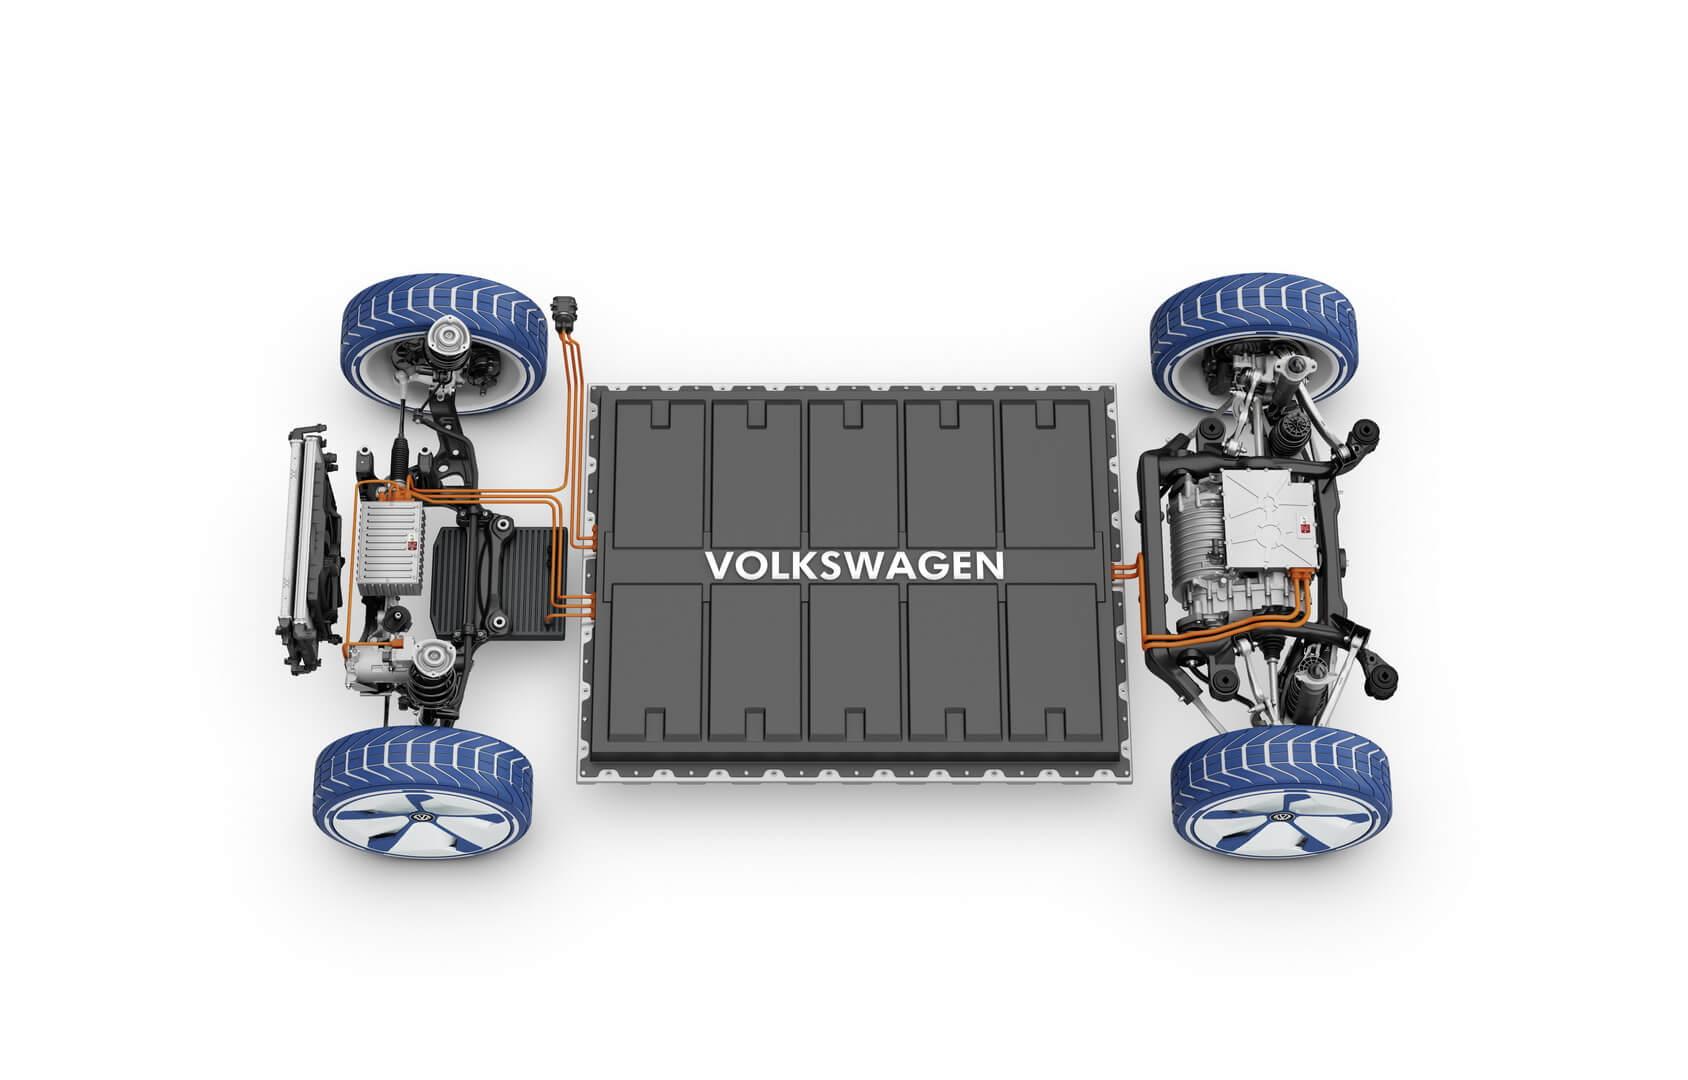 Платформа MEB для будущих электромобилей Volkswagen серии I.D.